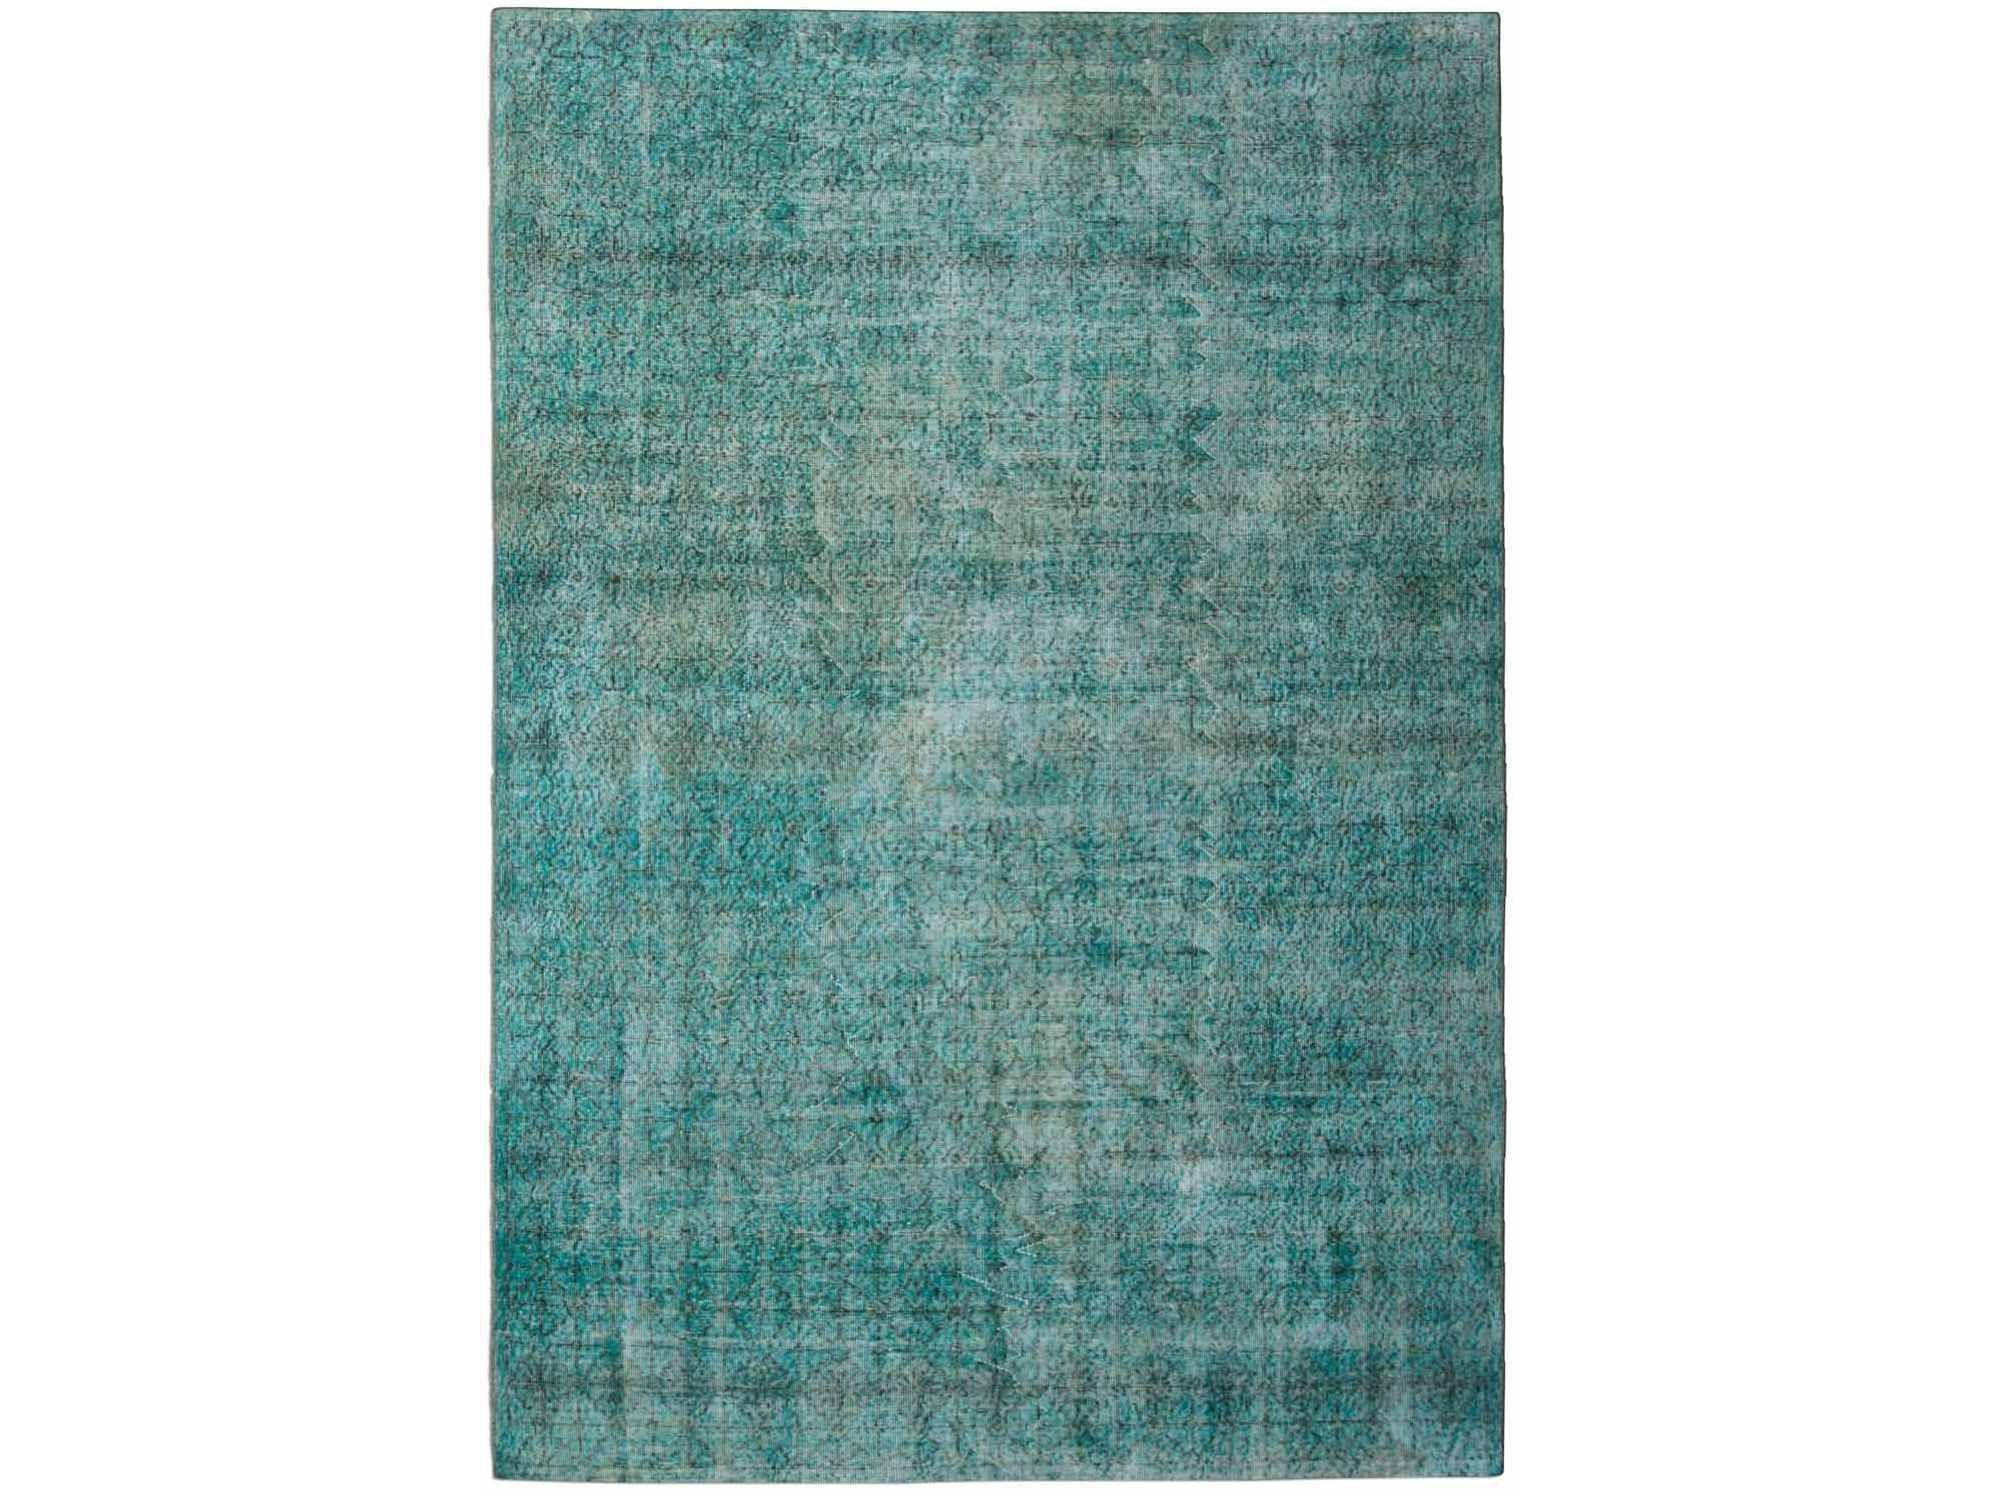 Ковер PatchworkПрямоугольные ковры<br>Винтажный ковер ручной работы в стиле &amp;quot;пэчворк&amp;quot; <br>из 100% шерсти. Ковер прекрасно подходит в <br>любые современные и классические интерьеры, <br>а благодаря толщине ковра всего 5 мм. и отсутствию <br>ворса, его легко чистить любыми видами пылесосов. <br>Этот настоящий ковер ручной работы не потеряет <br>своих красок и будет служить десятилетия.<br><br>Material: Шерсть<br>Ширина см: 203<br>Глубина см: 295